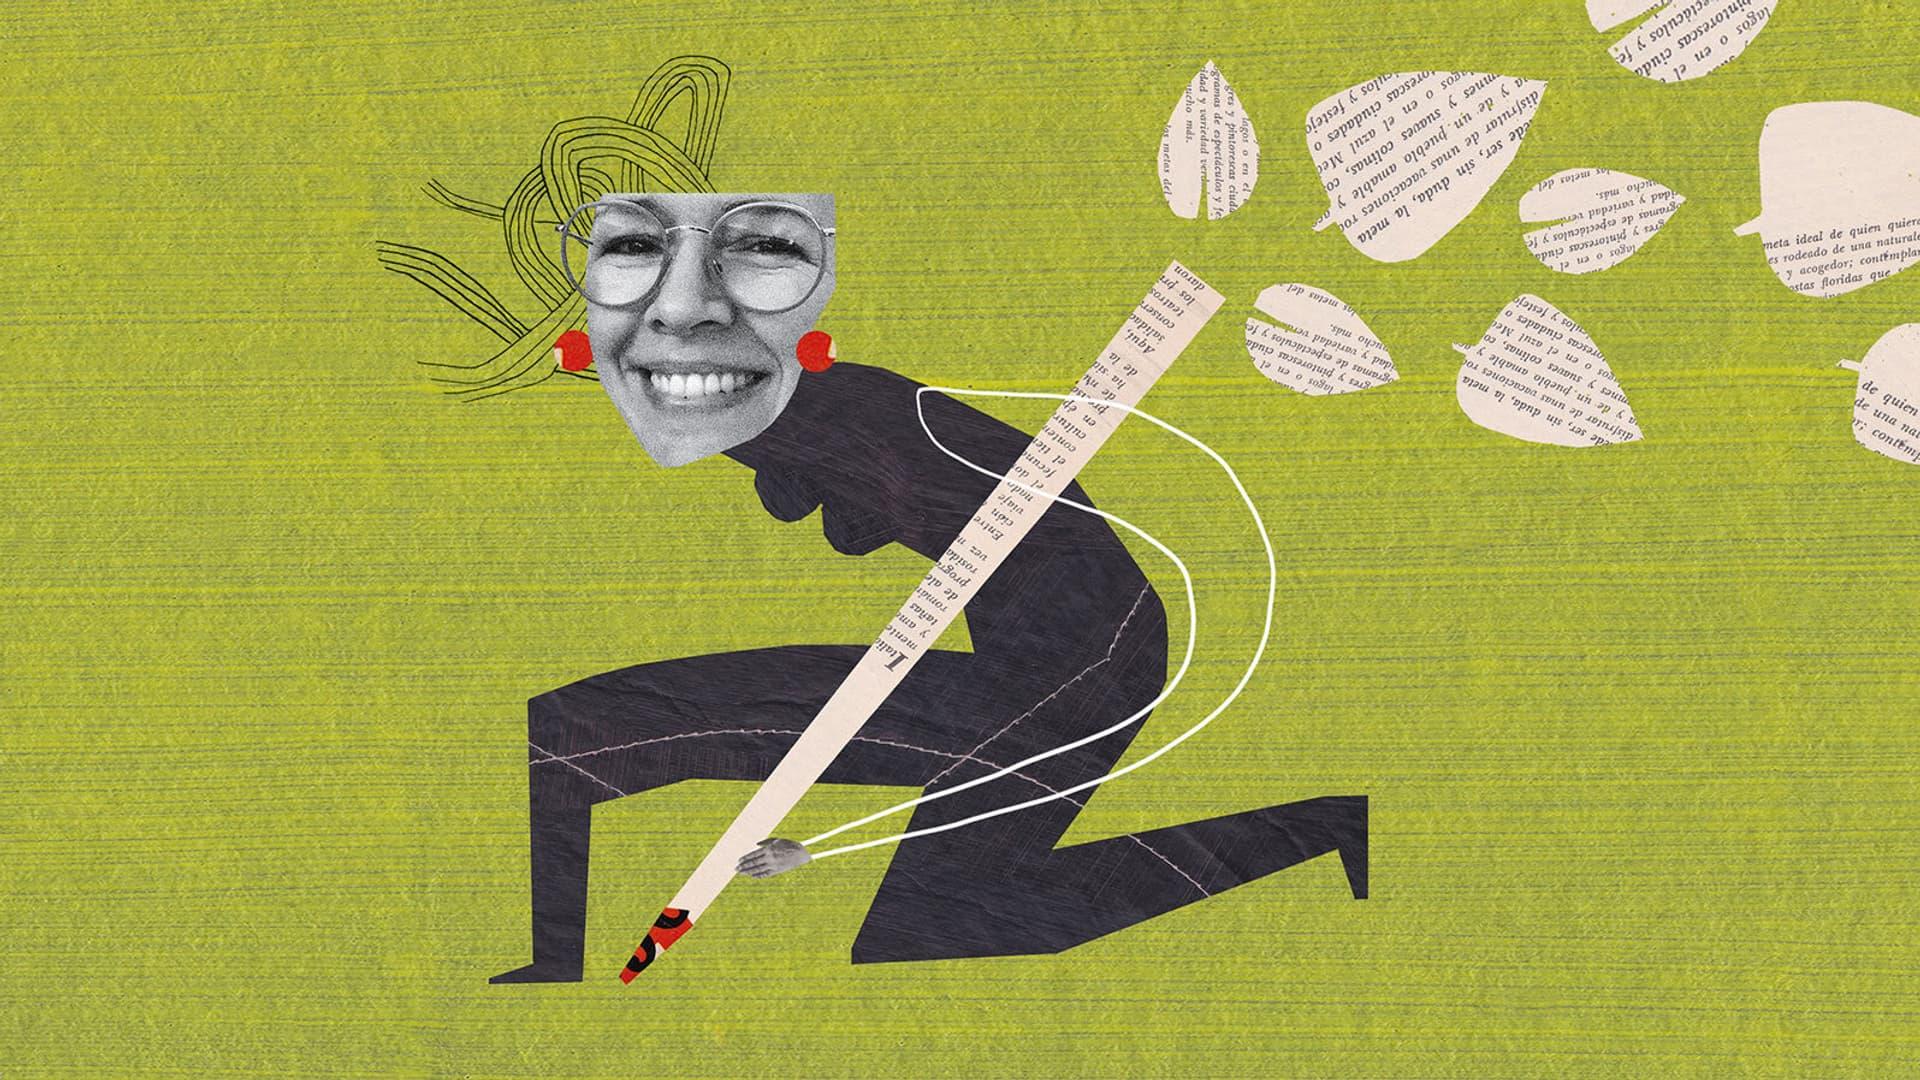 Jutta Kochs Kopf auf einem gezeichneten Körper, der einen riesigen Stift in der Hand hält, aus dem Blätter fliegen